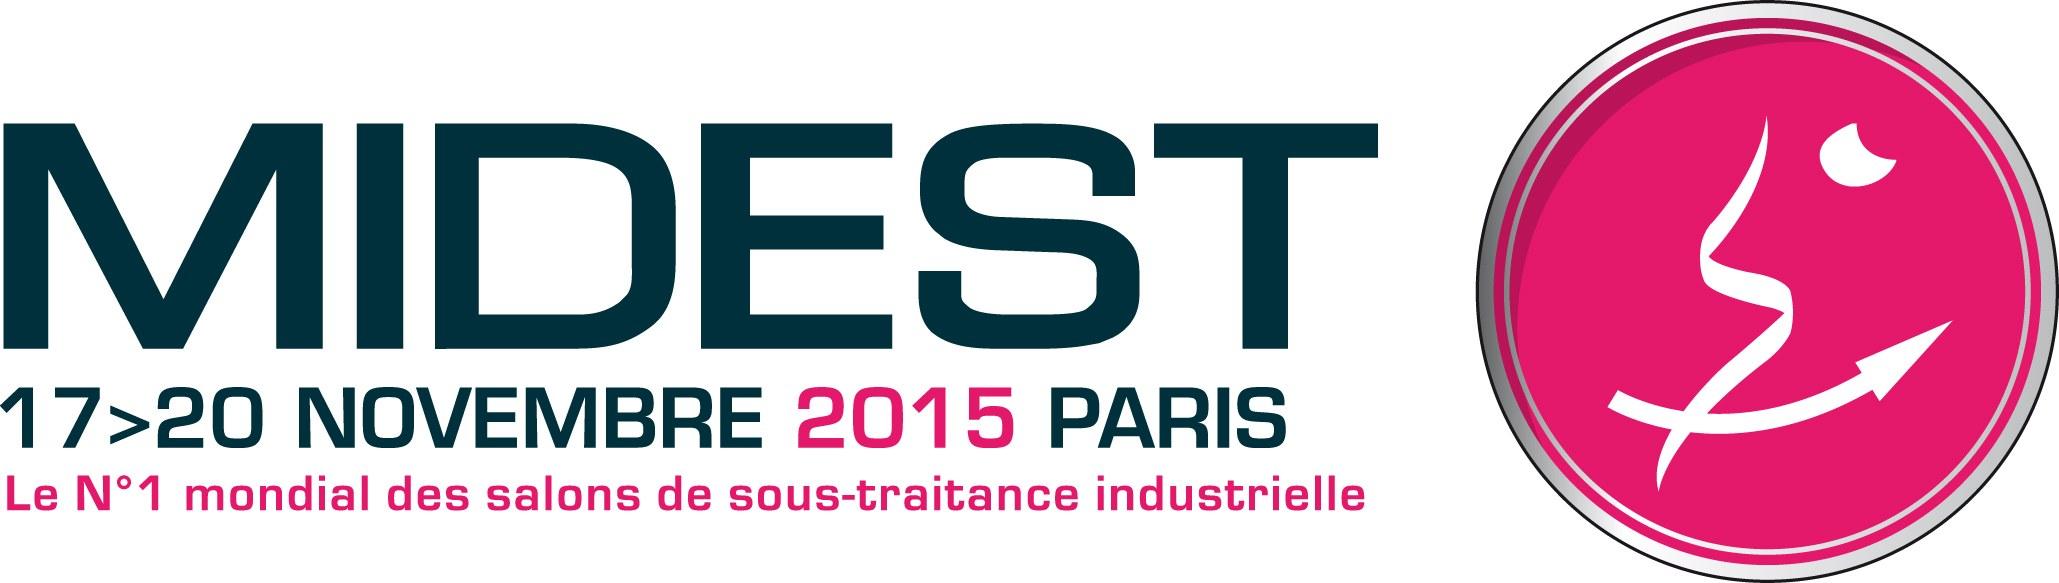 Del 17 al 20 de Noviembre en la feria MIDEST 2015 en Paris